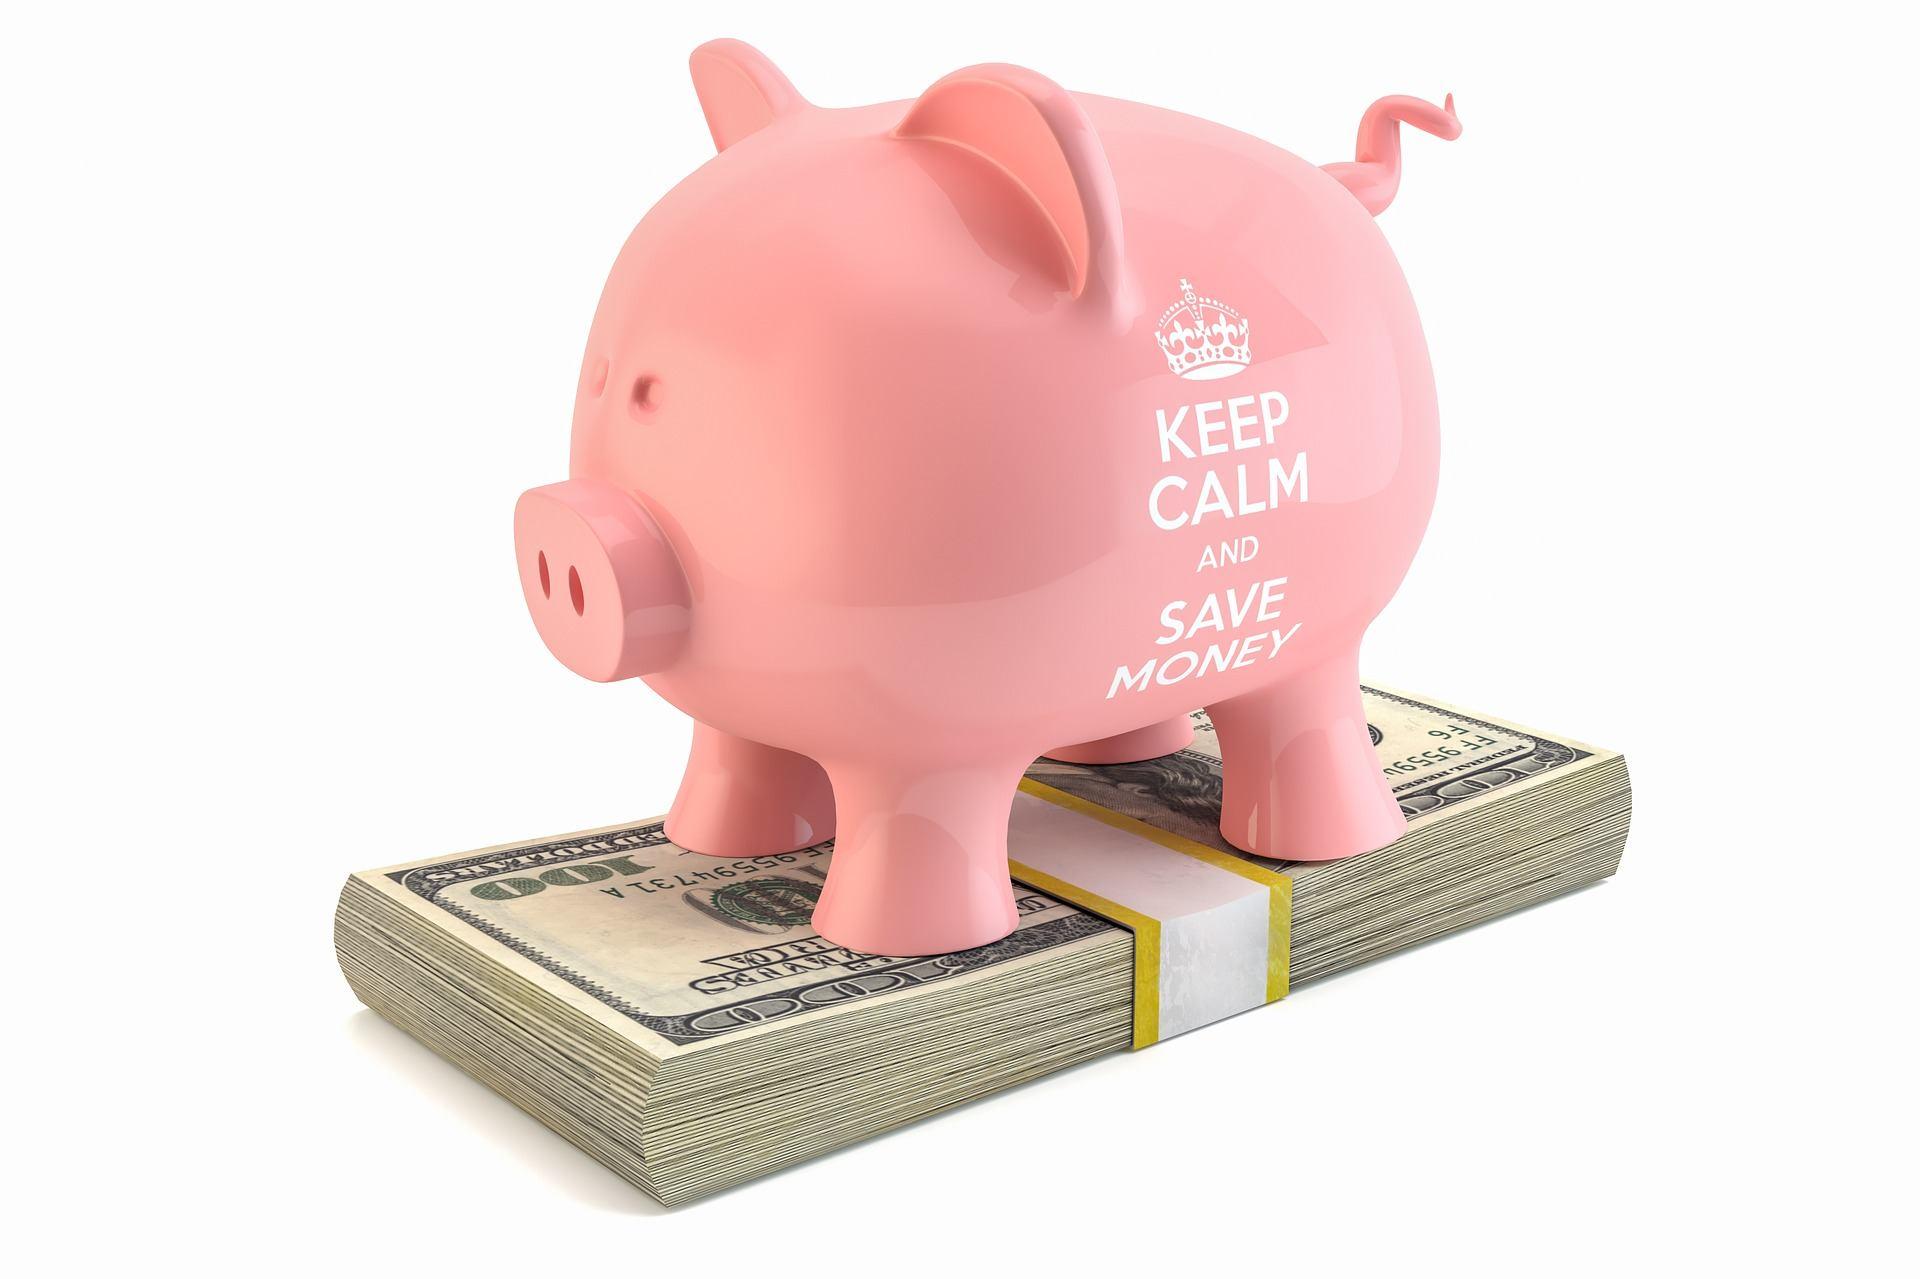 piggybank 2913293 1920 - Tagesgeldkonto | Deine EIGENE Versicherung für schlechte Zeiten